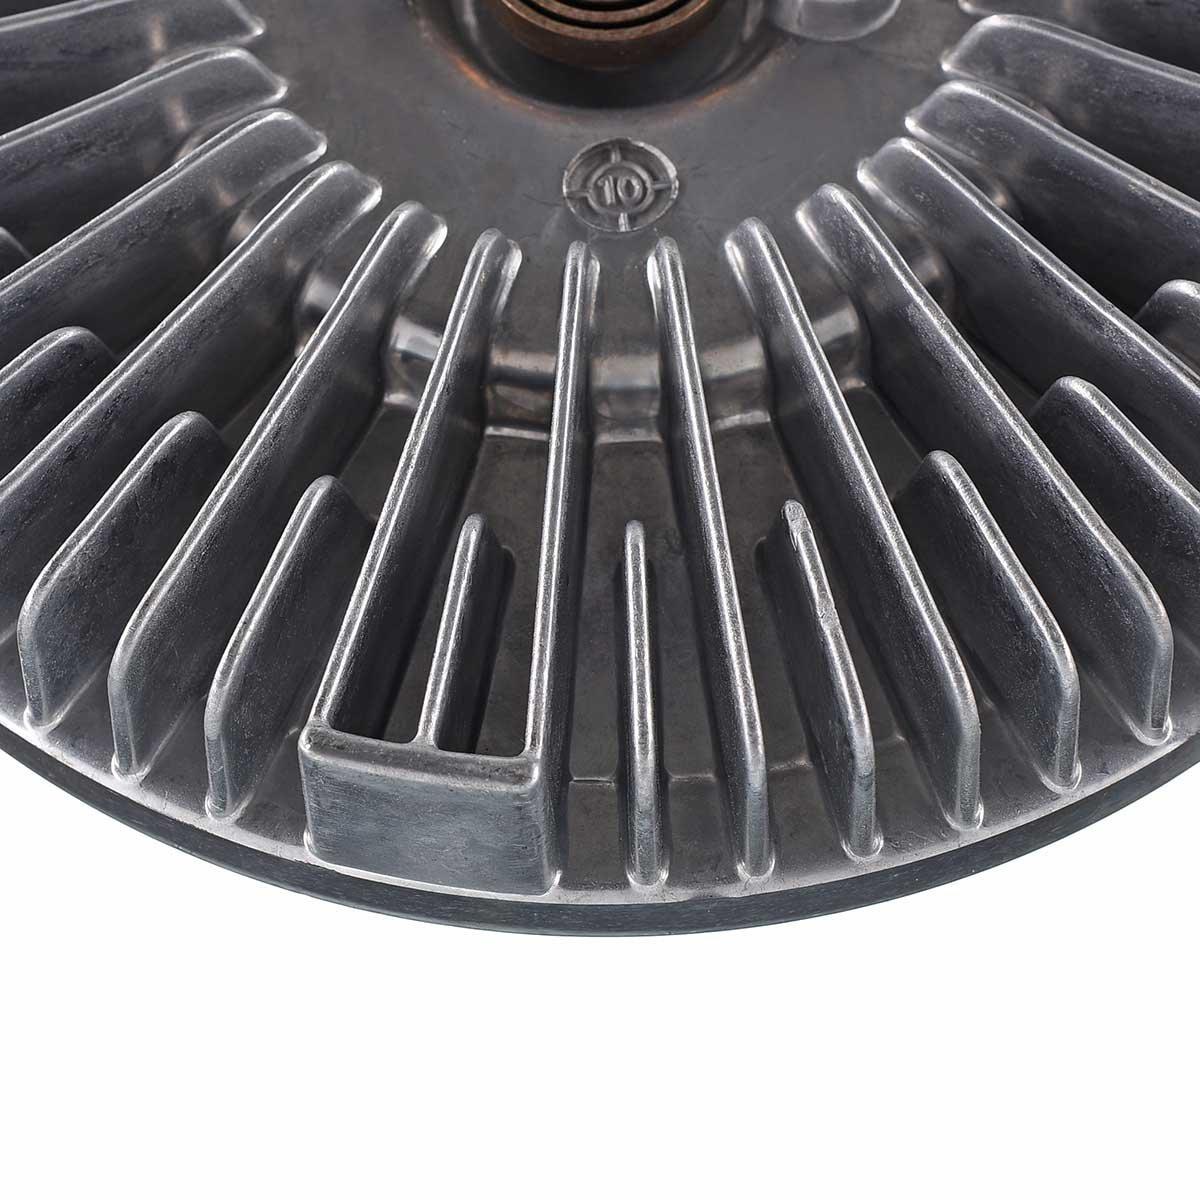 Fan Clutch for Chevrolet Silverado 2500 HD 3500 2001-2005 Express 2500 3500 2006-2009 GMC Savana Sierra 6.6L Turbo Diesel